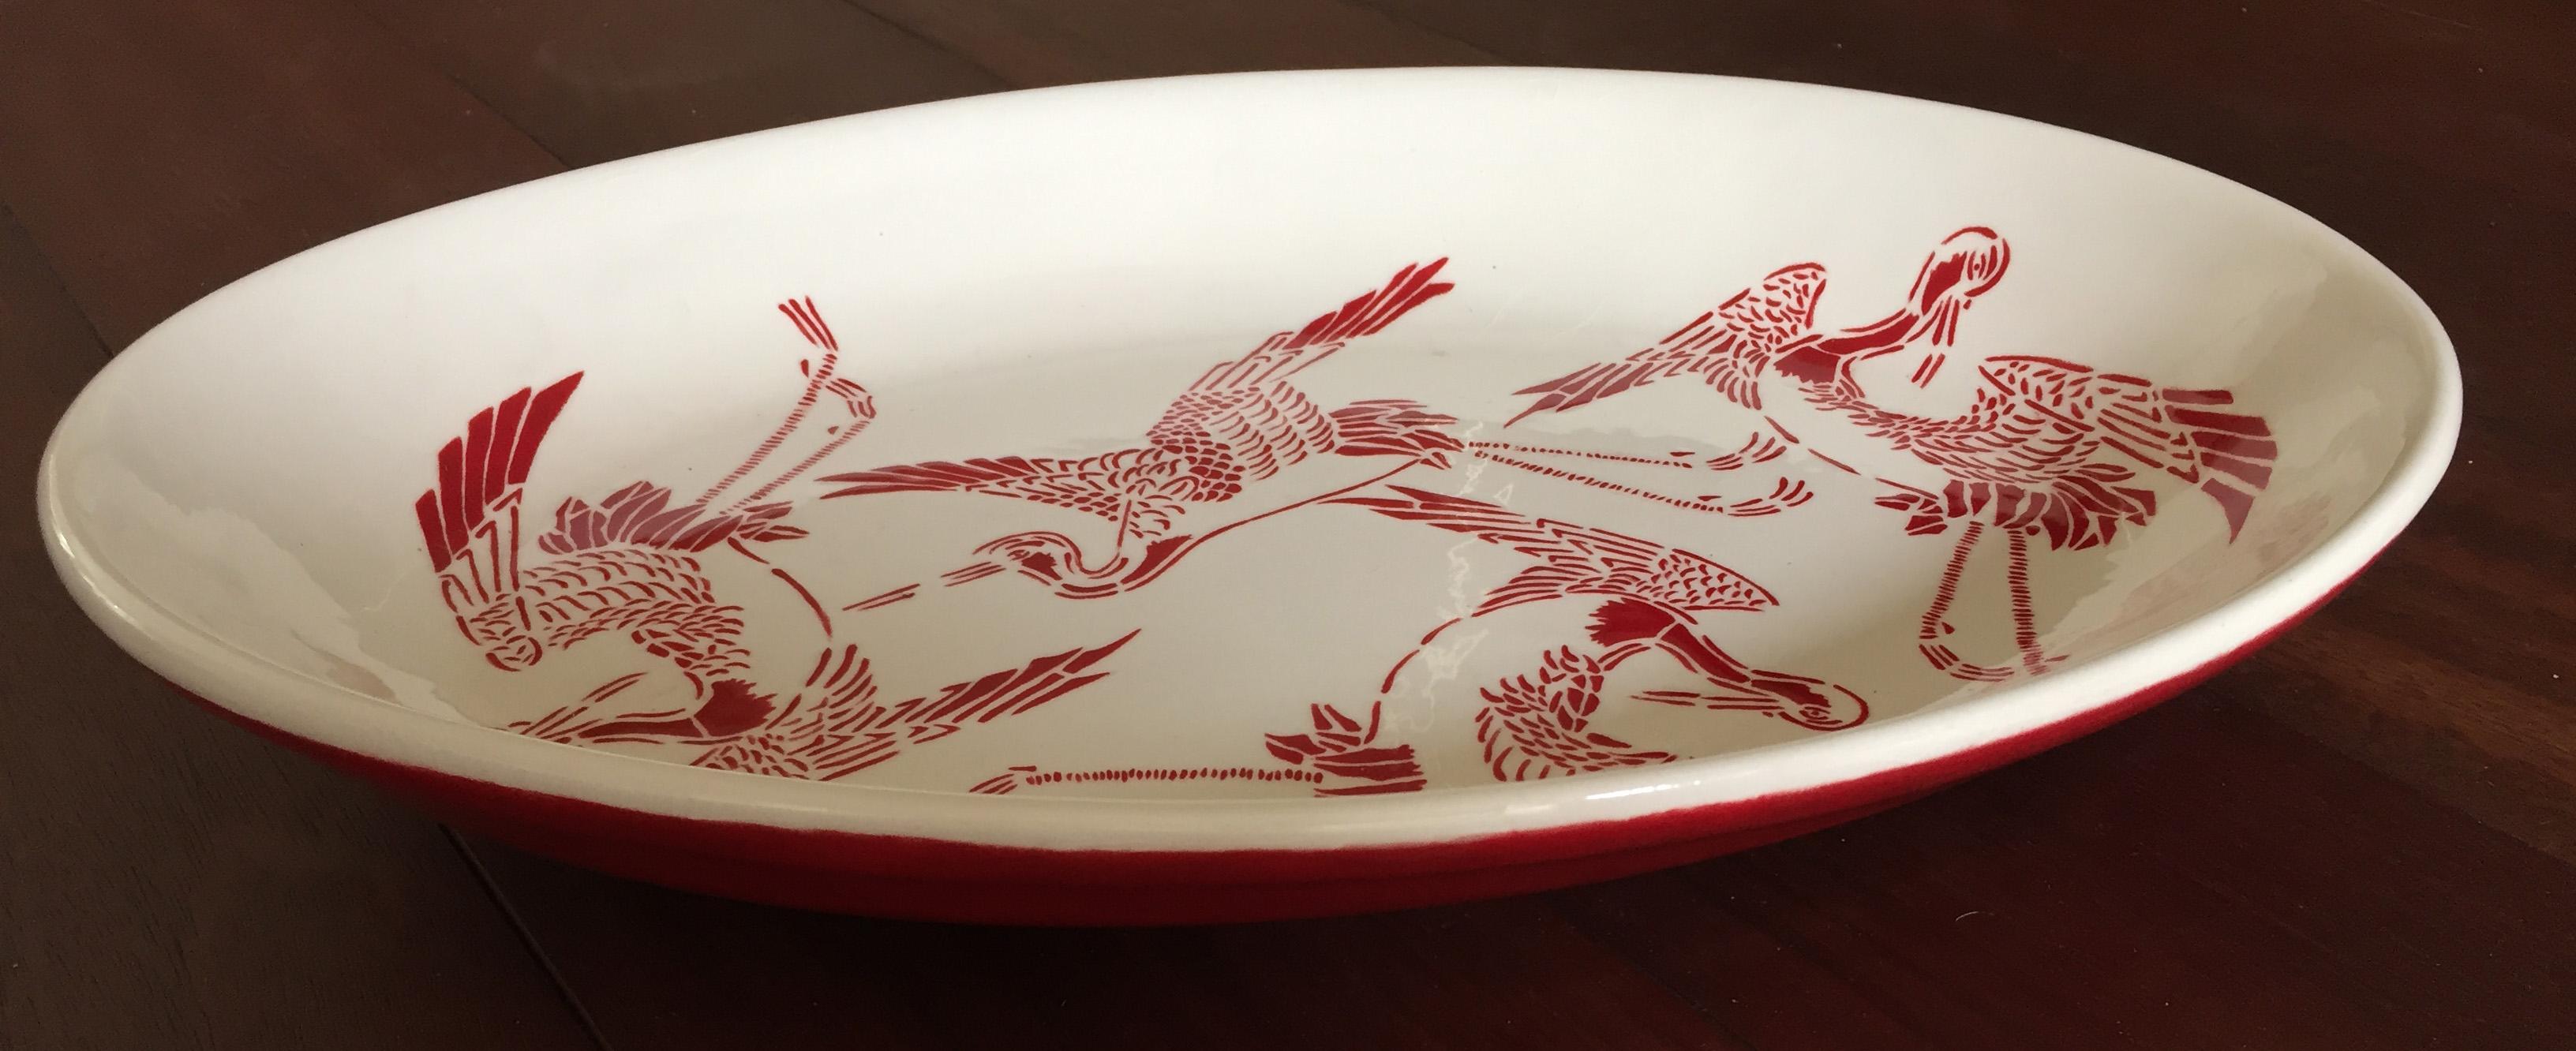 Ovalen schaal met kraanvogels en egaal rode onderkant